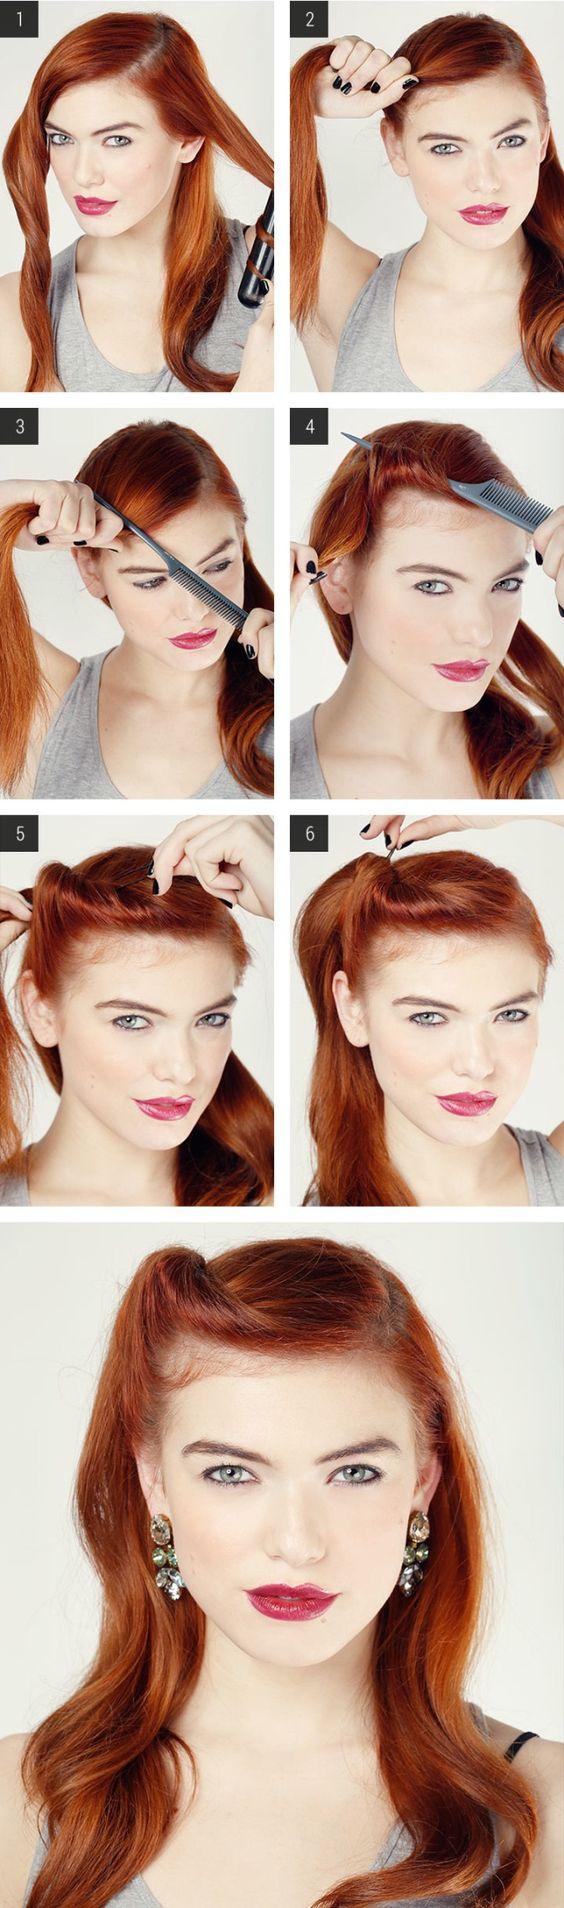 tutorial-penteados-reveillon-9